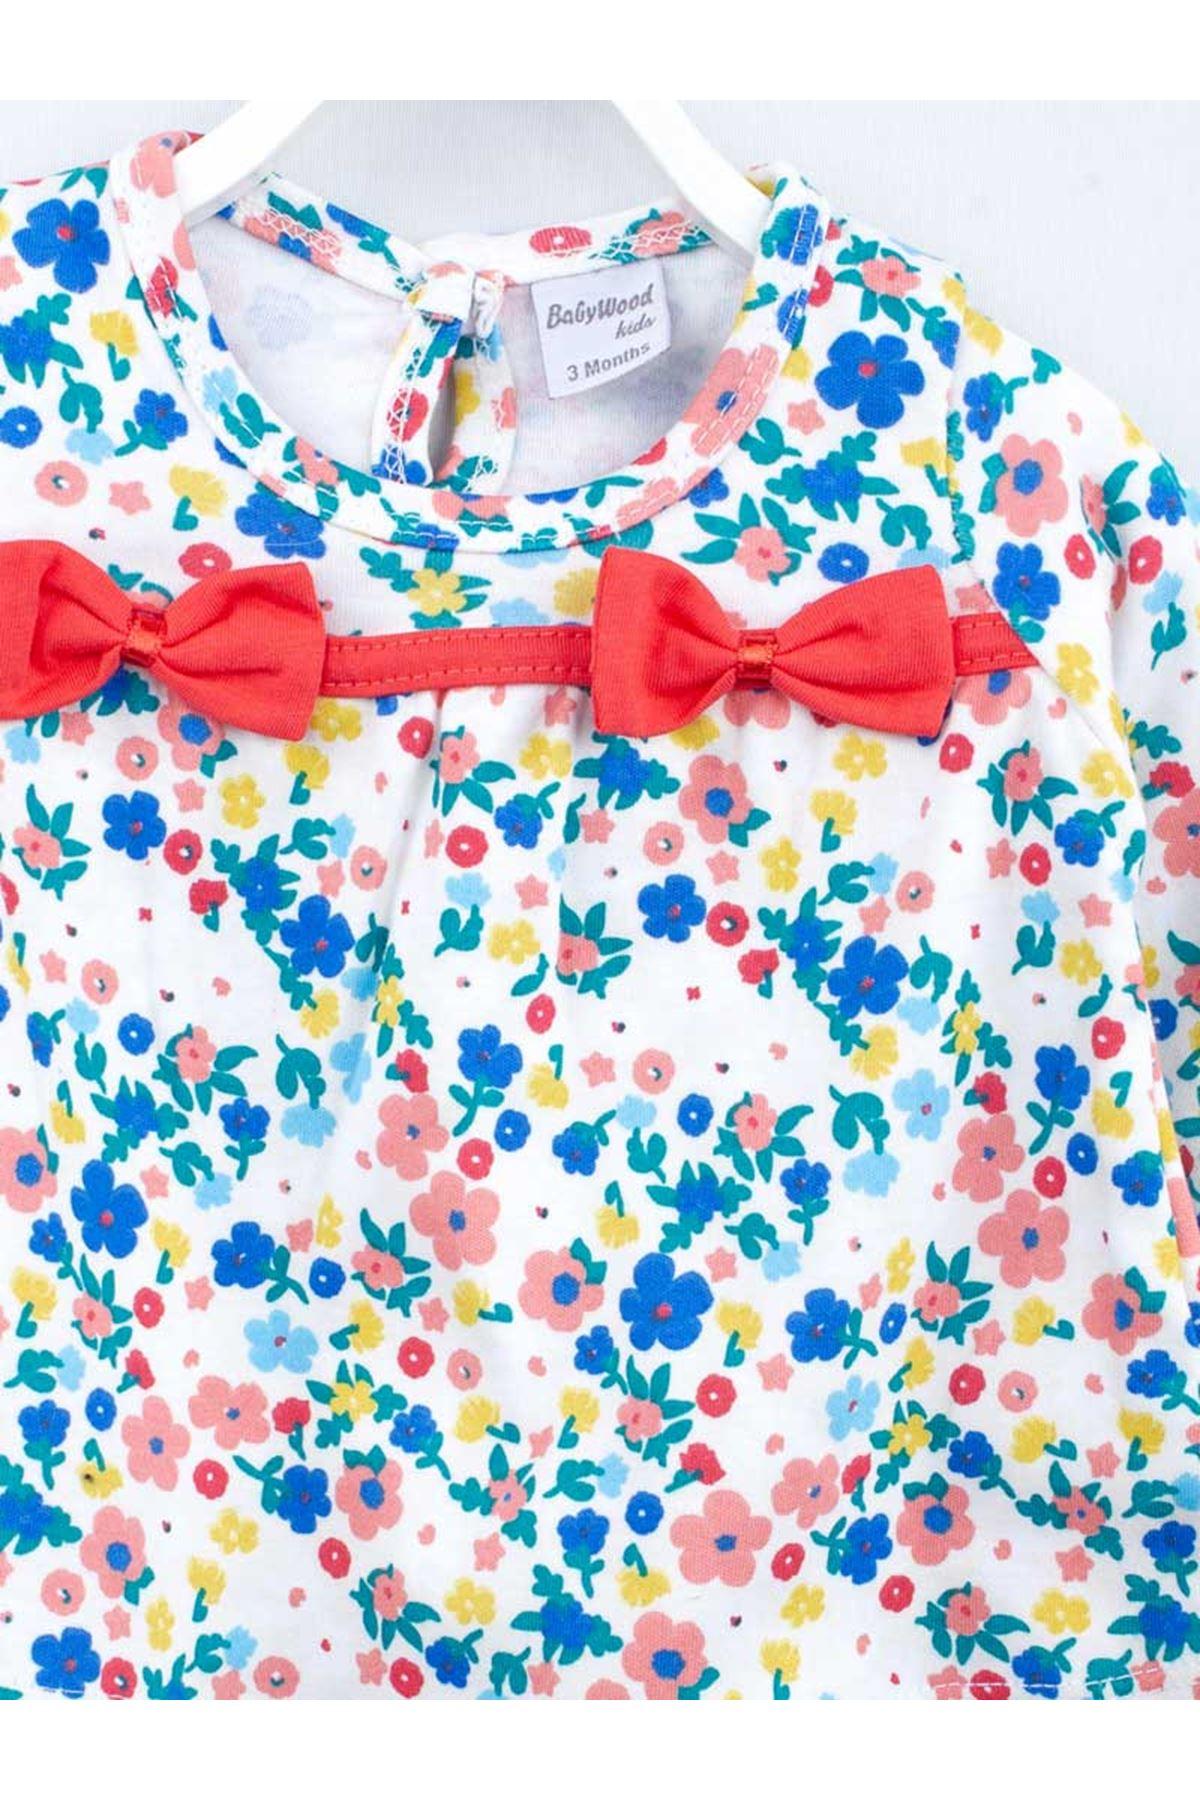 Narçiçeği Kız Bebek Taytlı Takım